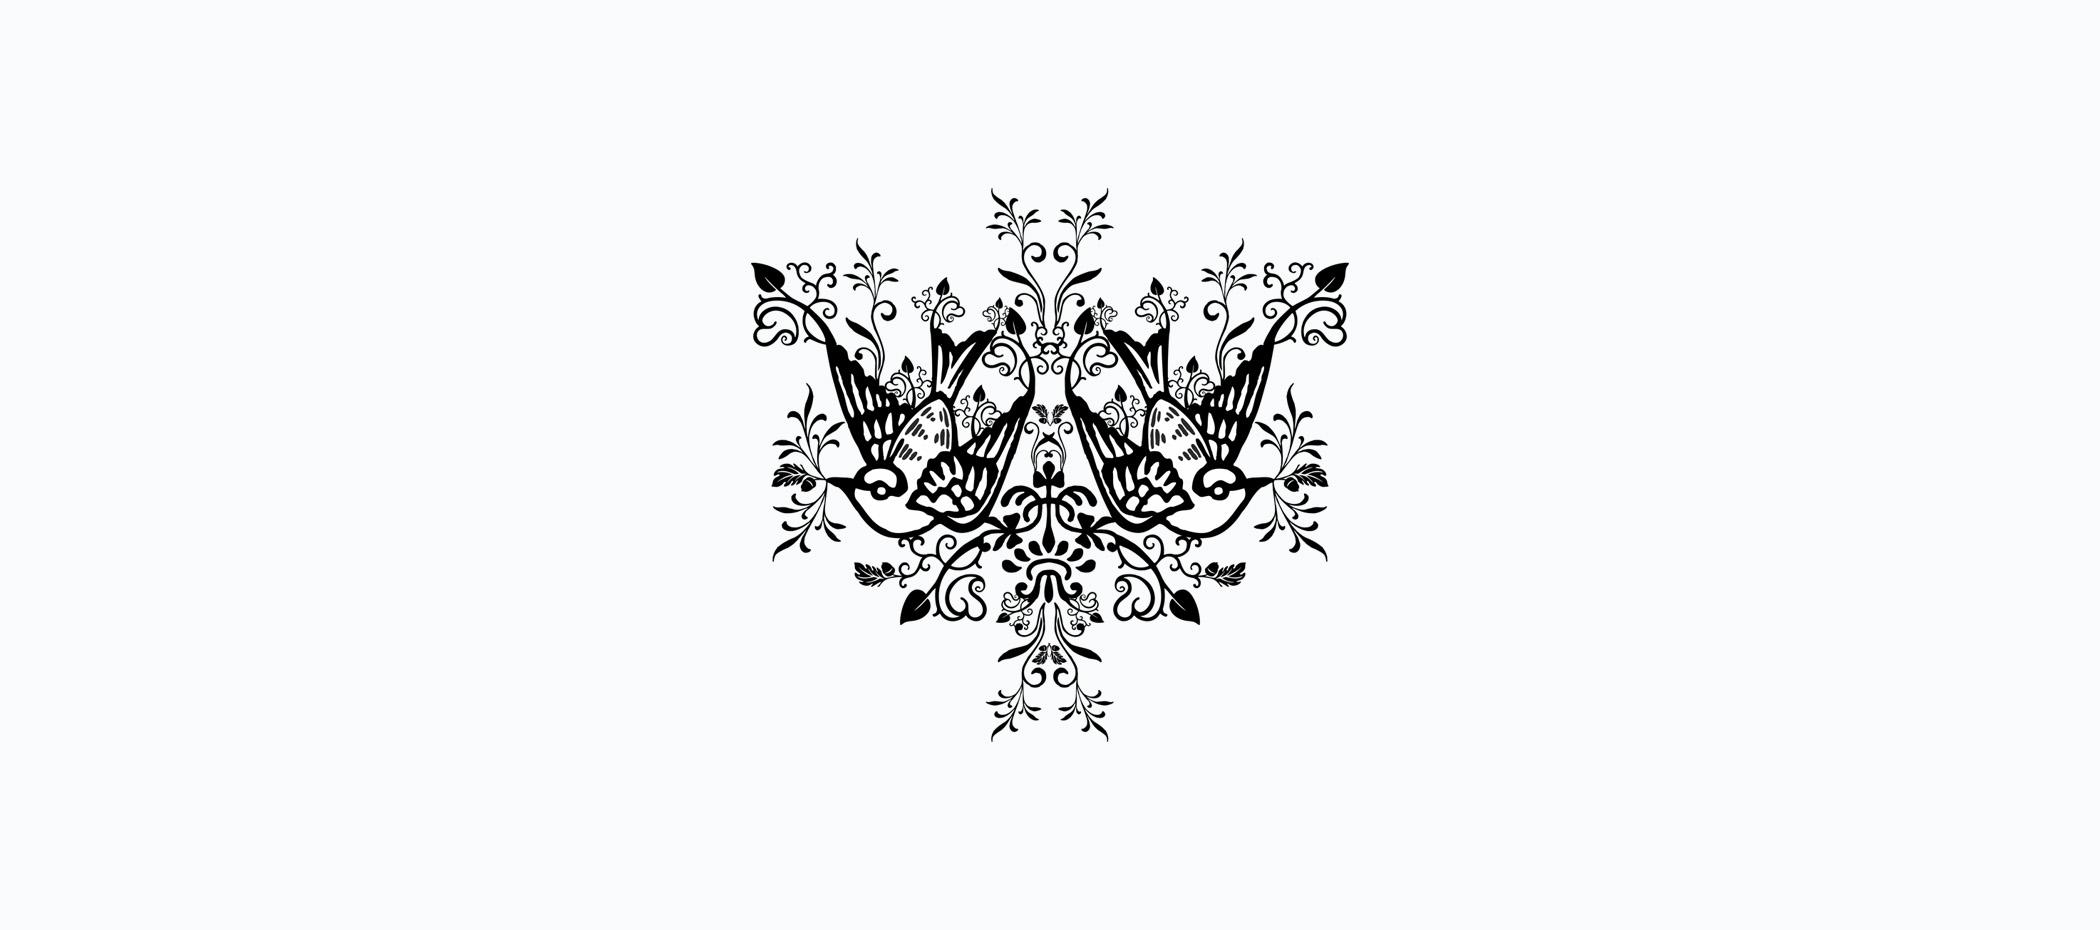 diseño logotipo - Beusual - diseño grafico santander - merienda en el tejado